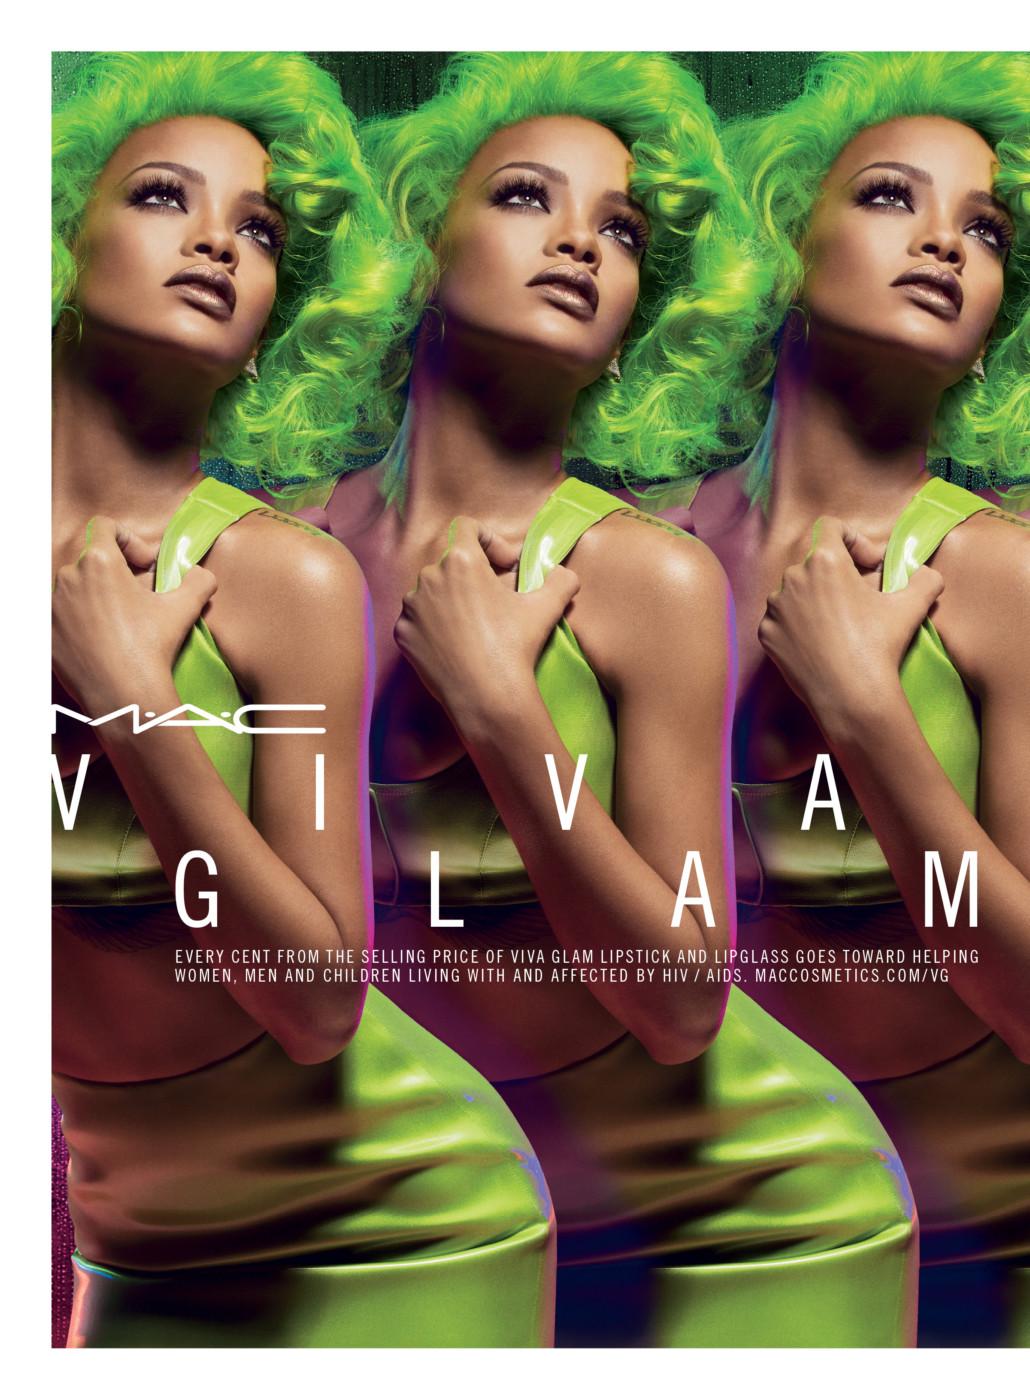 mac viva glam rihanna 2, mac viva glam, rihanna viva glam, mac rihanna, mac rihanna 2014, rihanna lipstick, rihanna lipglass, mac new viva glam, rihanna new viva glam campaign